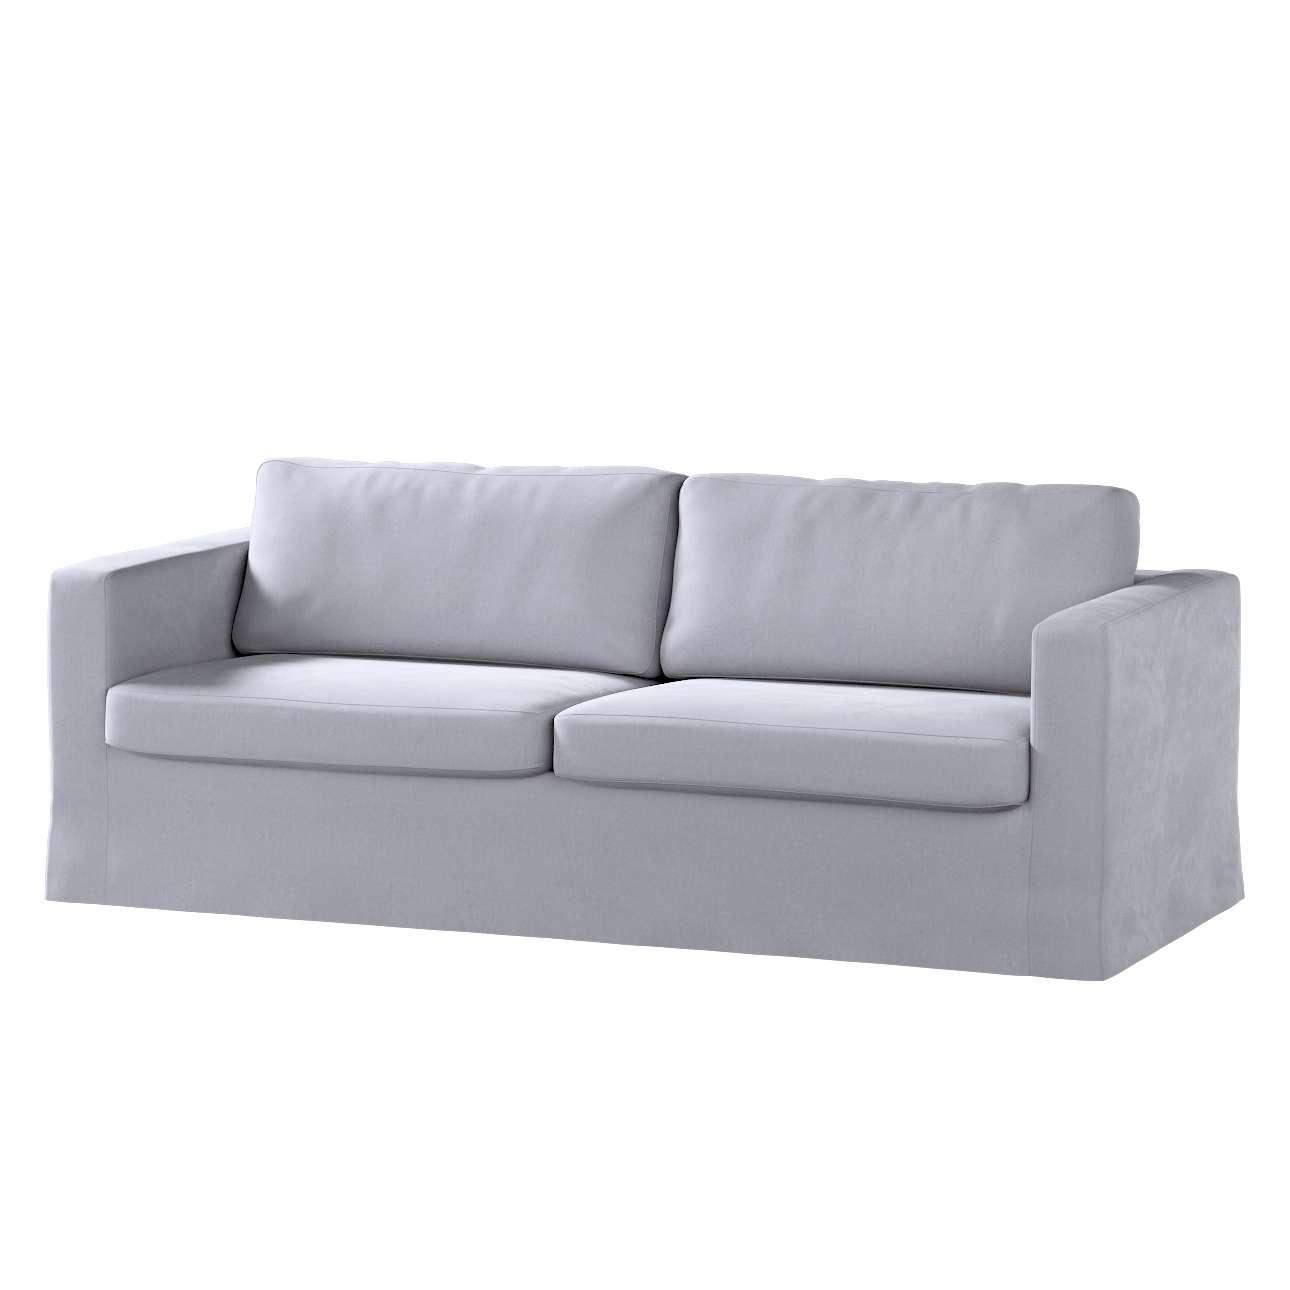 Pokrowiec na sofę Karlstad 3-osobową nierozkładaną, długi w kolekcji Velvet, tkanina: 704-24